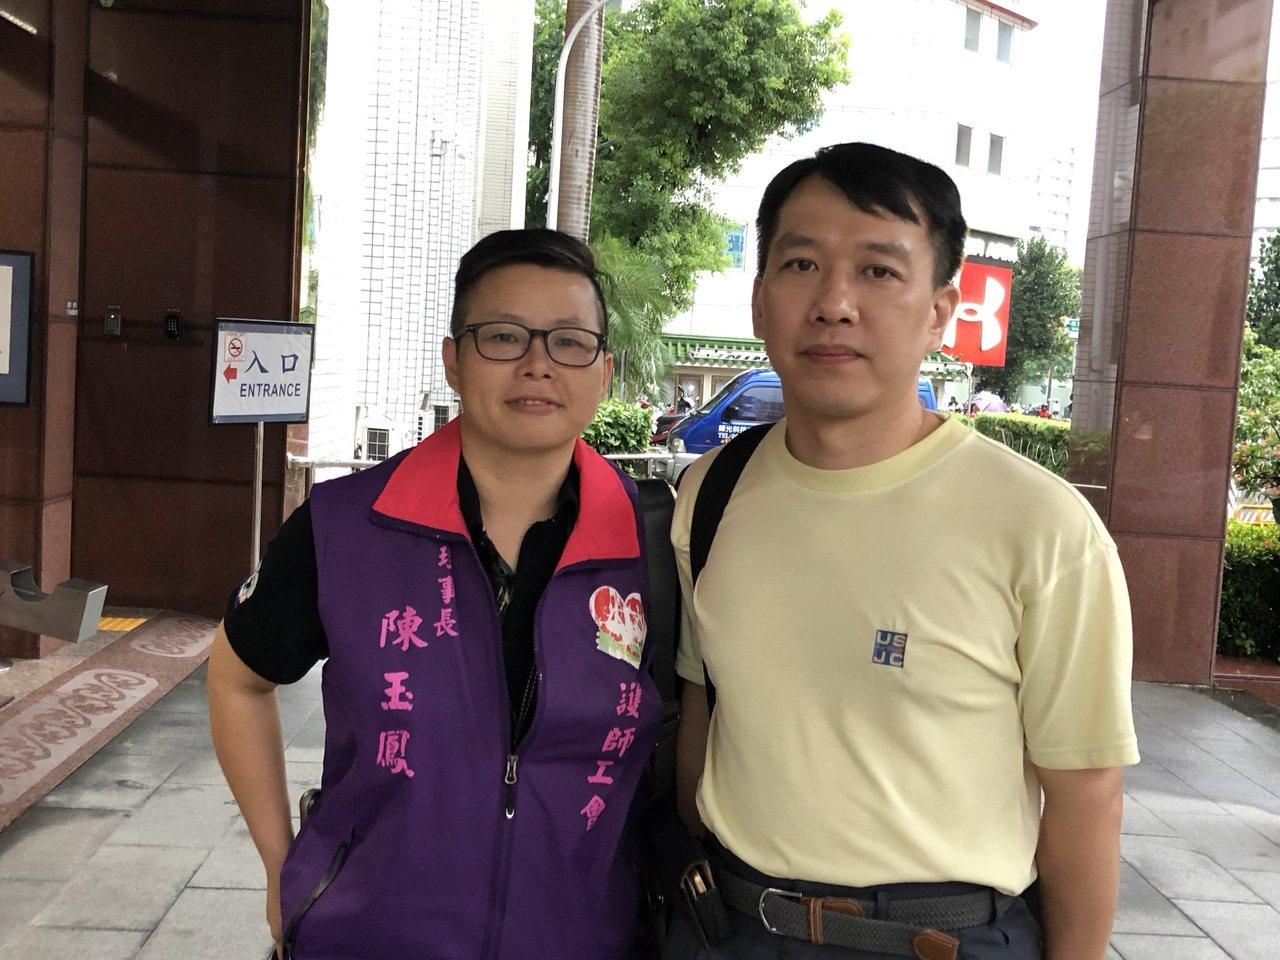 成醫體循師林光宇(右)下午出庭,表示時間一到,他將申請復職。記者邵心杰/攝影